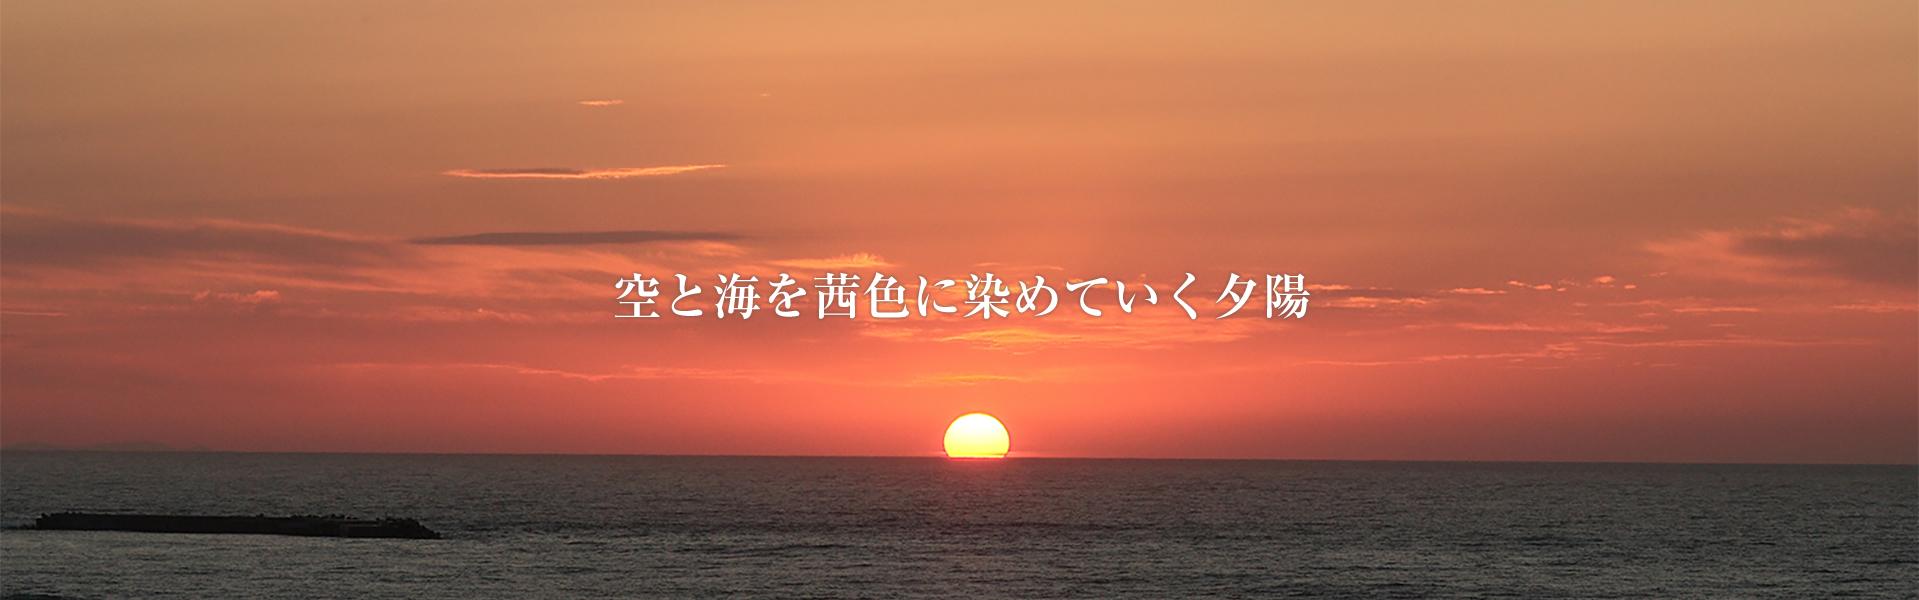 空と海を茜色に染めていく夕陽